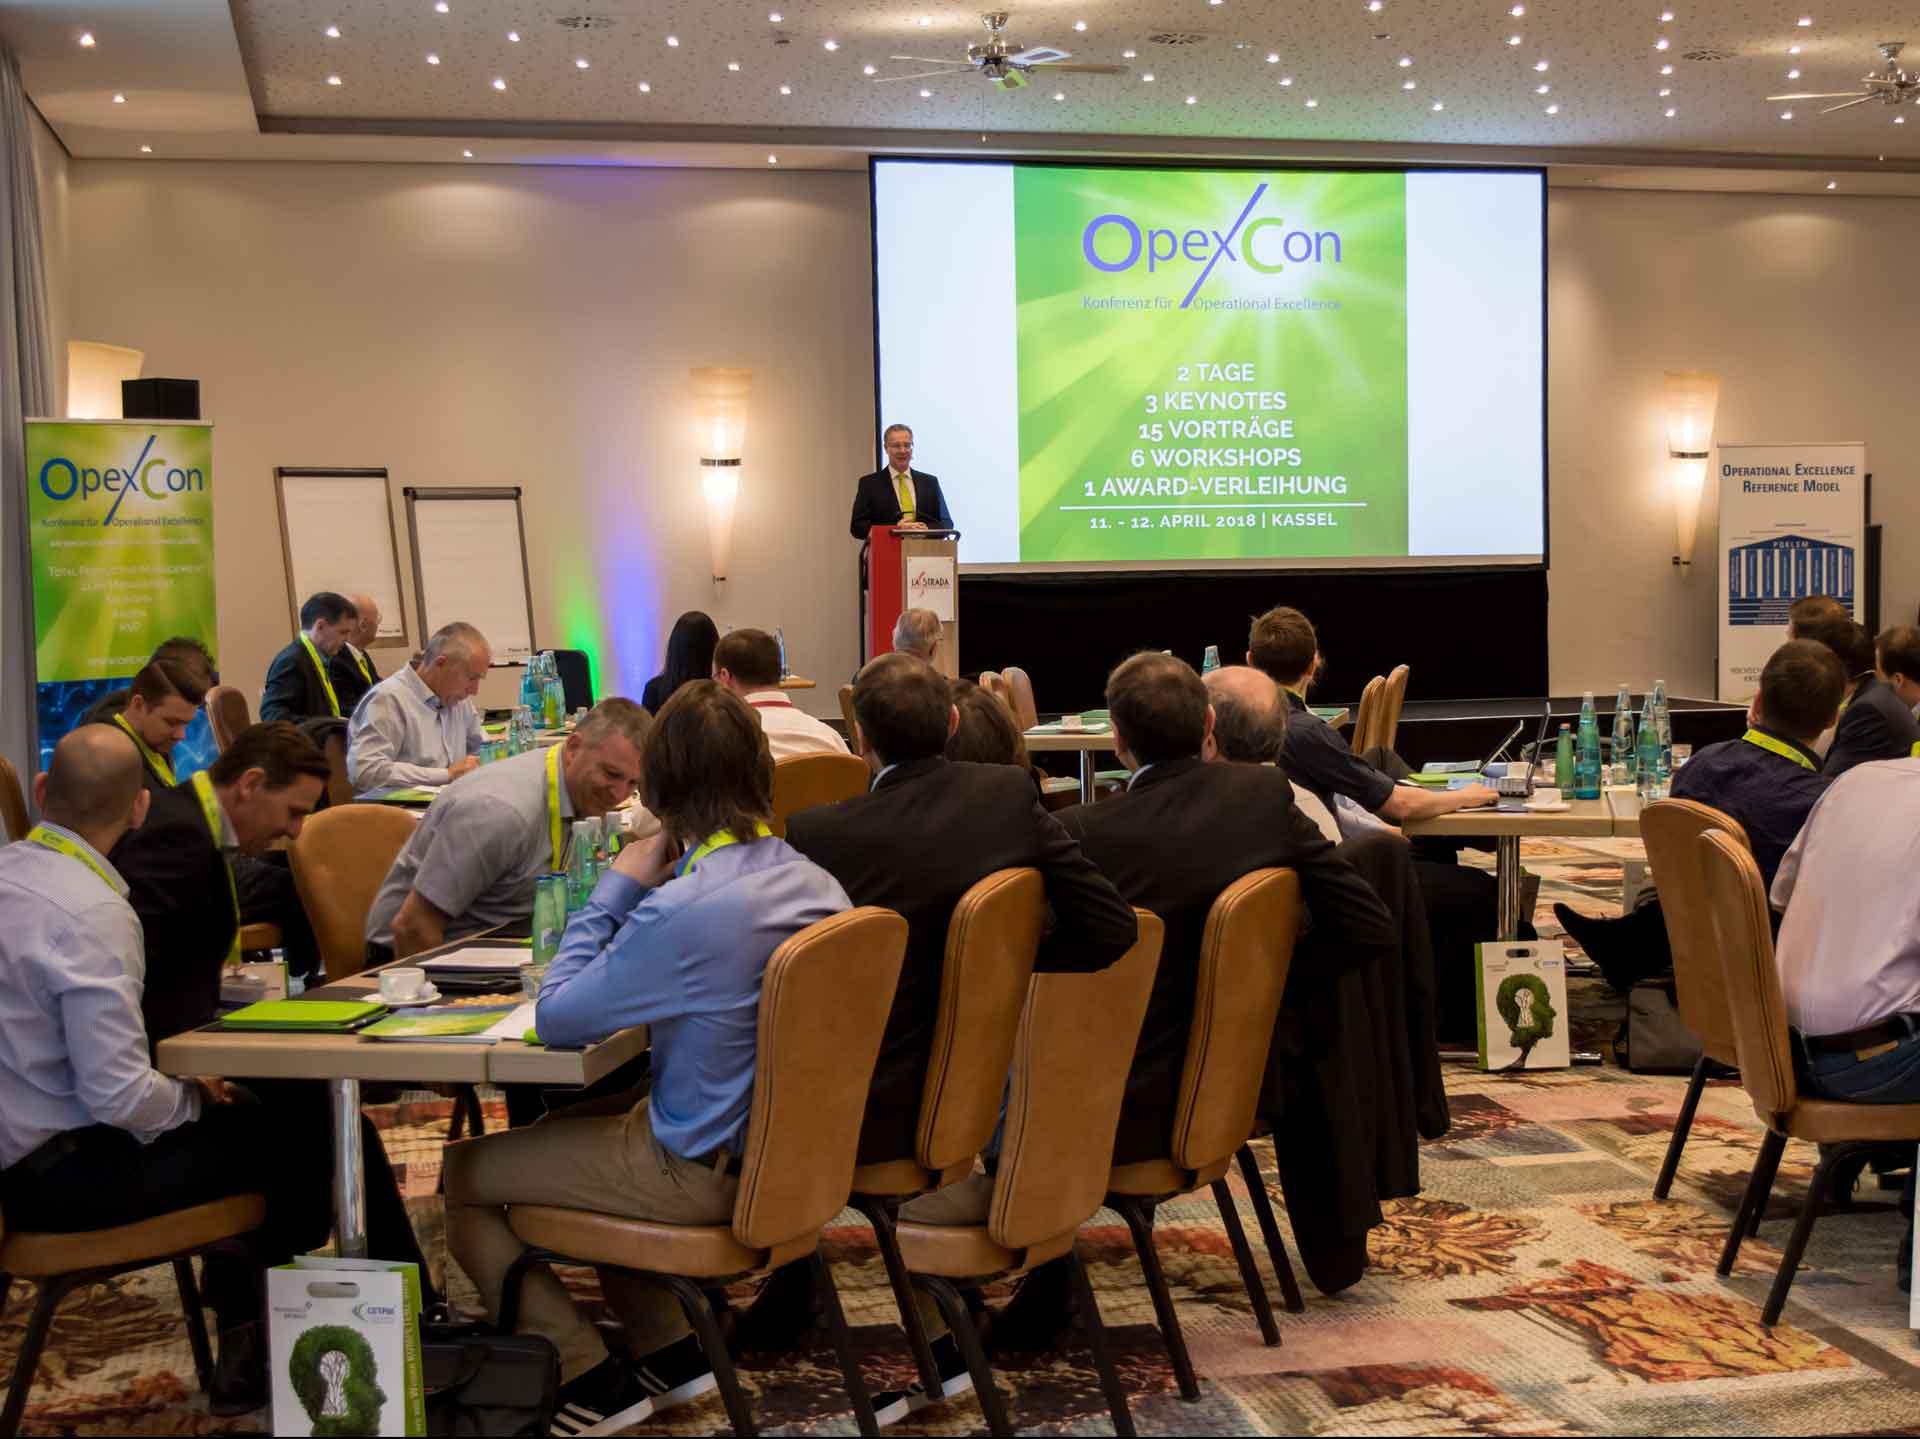 OPEXCON Konferenz 2018 11. - 12.04.2018 in Kassel